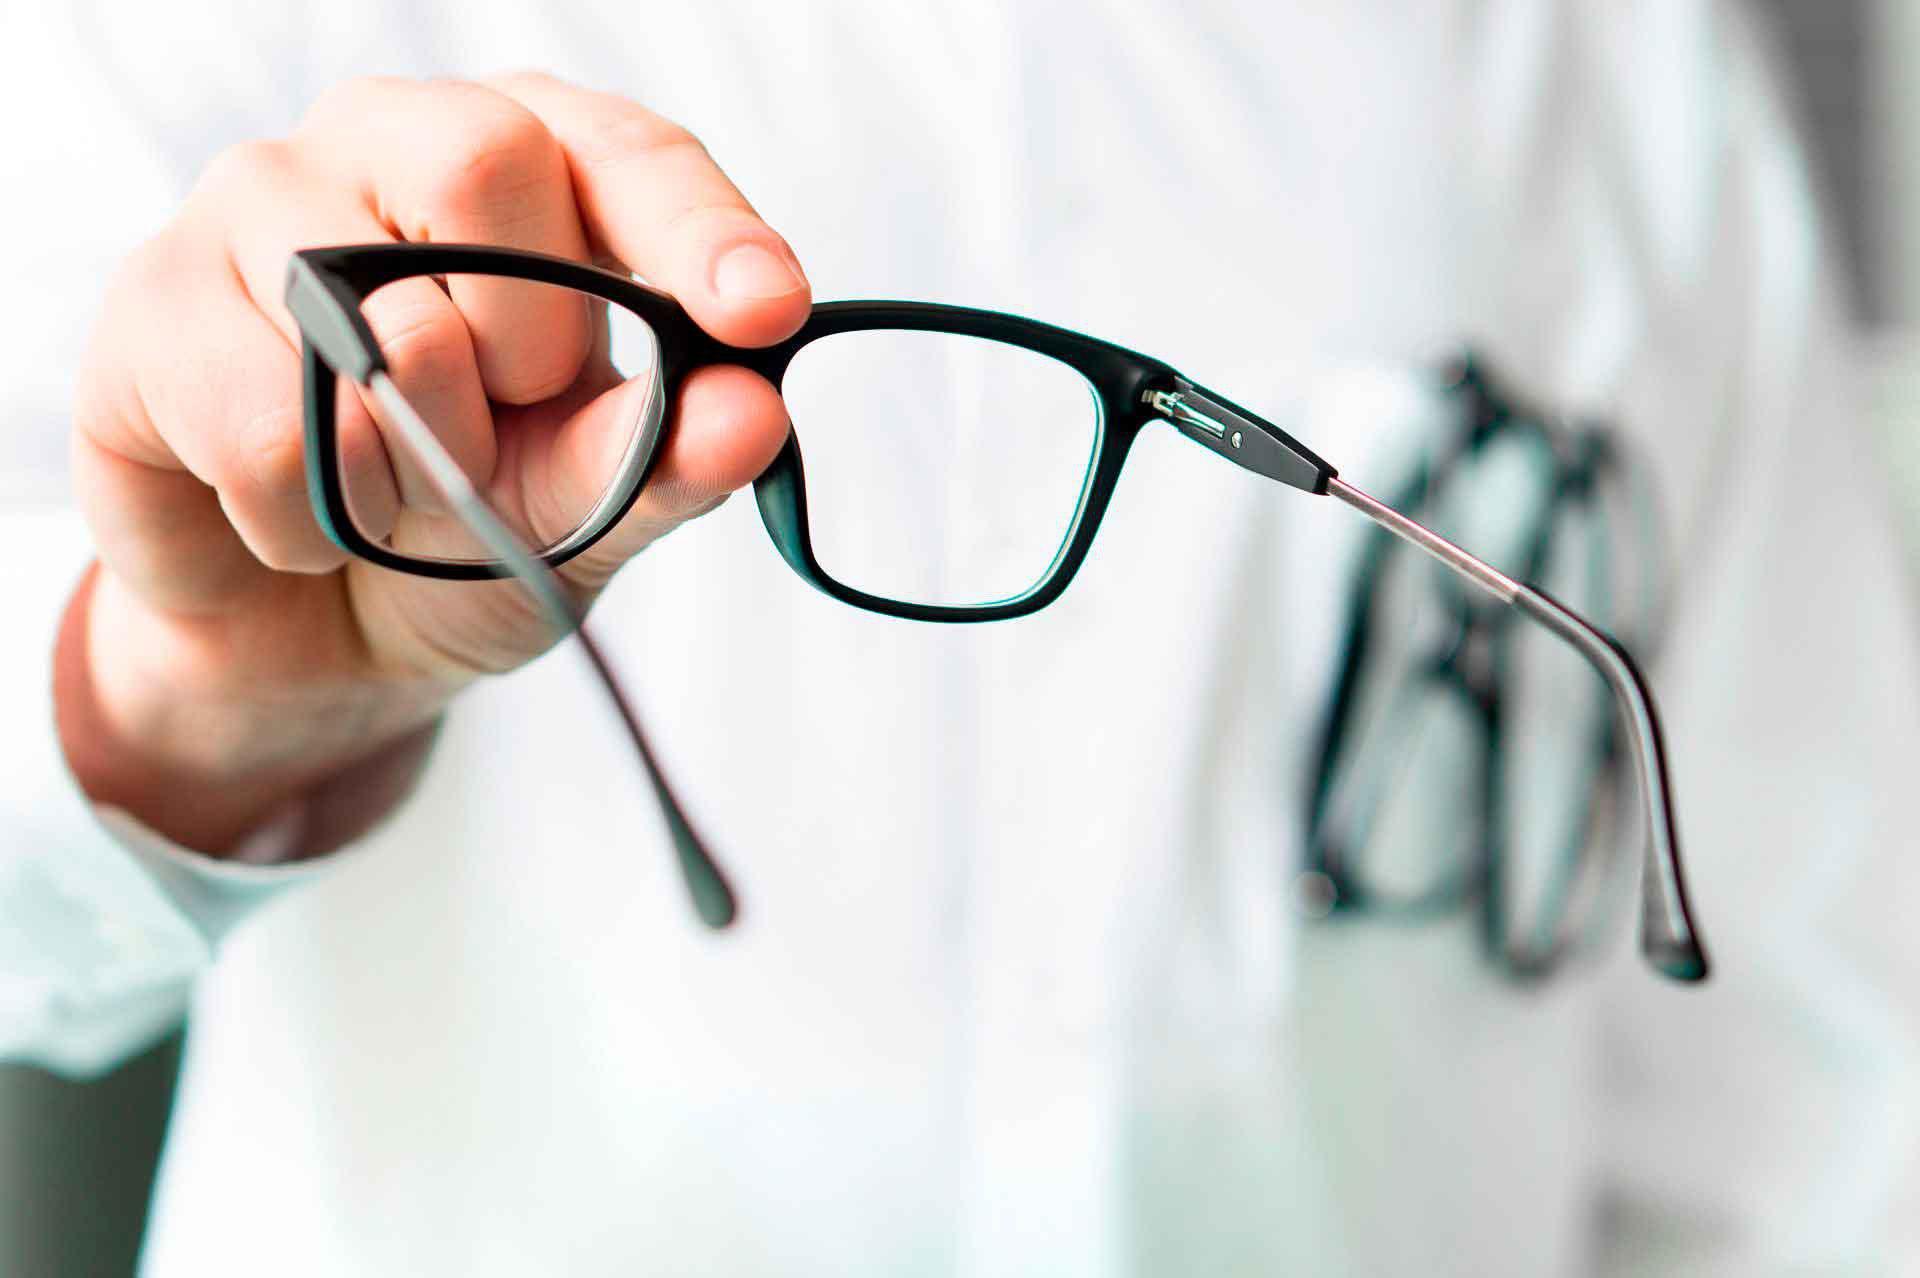 402b3c90eb Lentes trifocales: adiós a las gafas tras la cirugía de cataratas ...